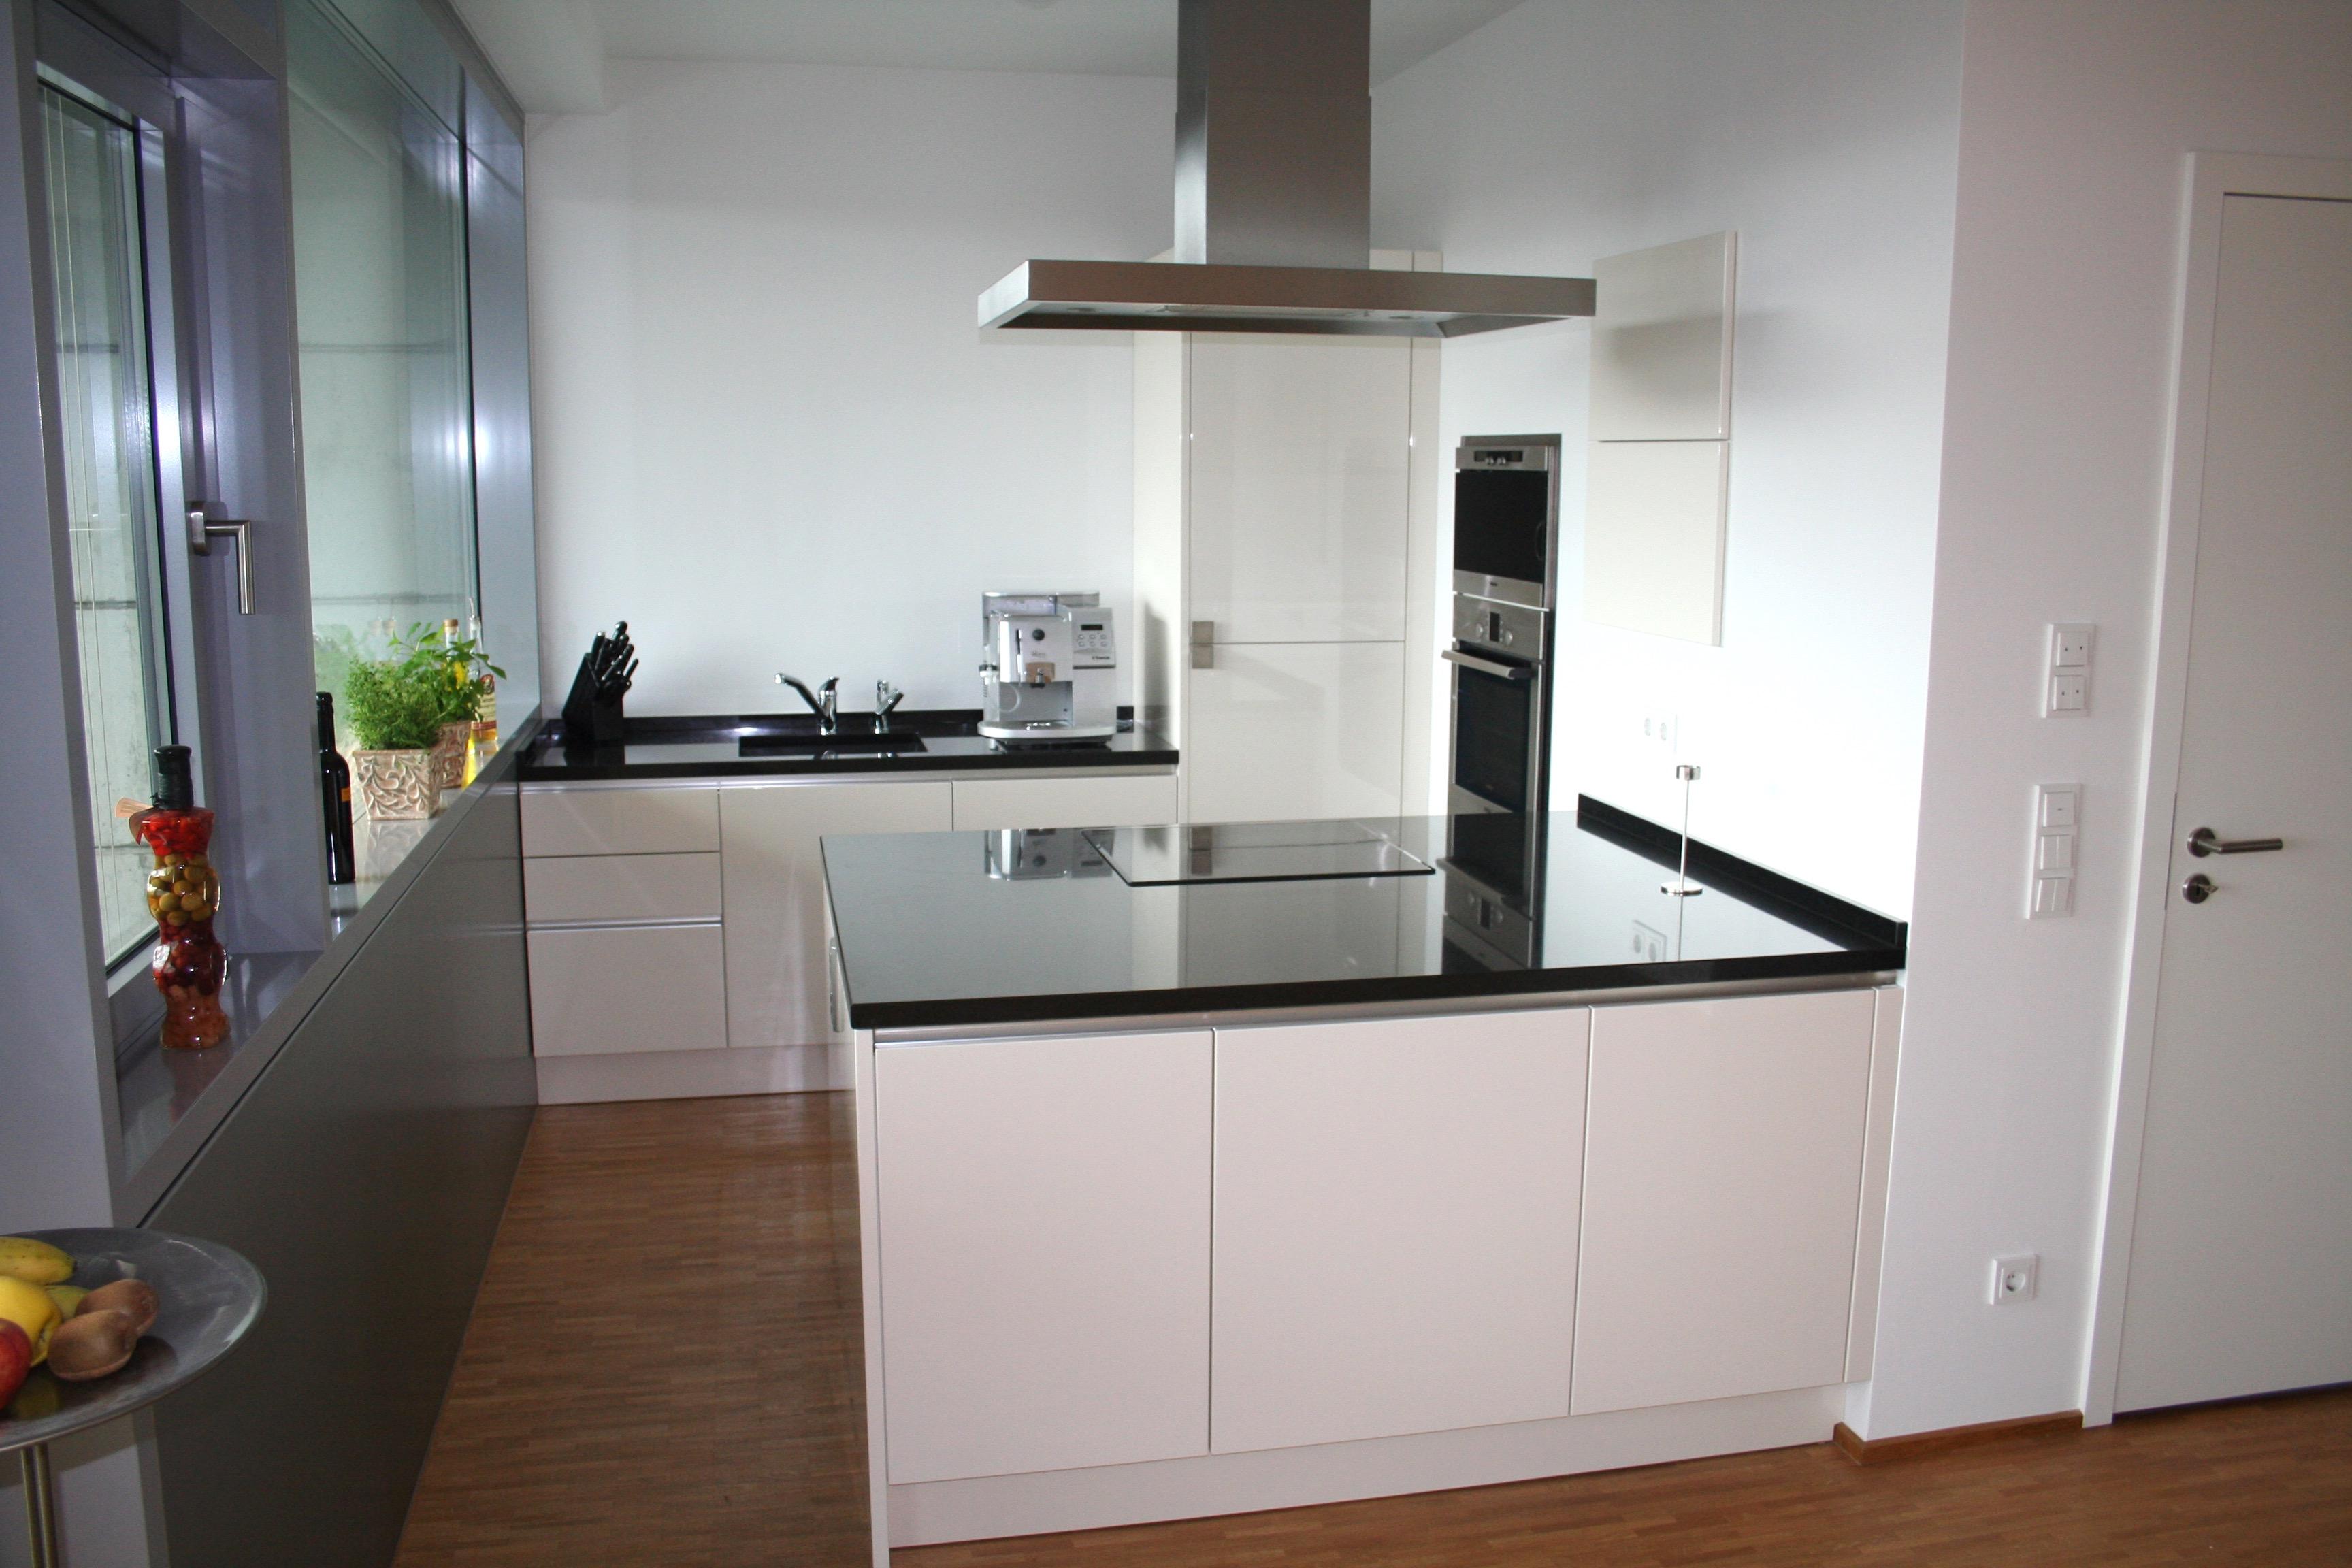 Küchen Halbinsel Form Einfach On Andere Innerhalb Erektion Kuche Designs Mit 5